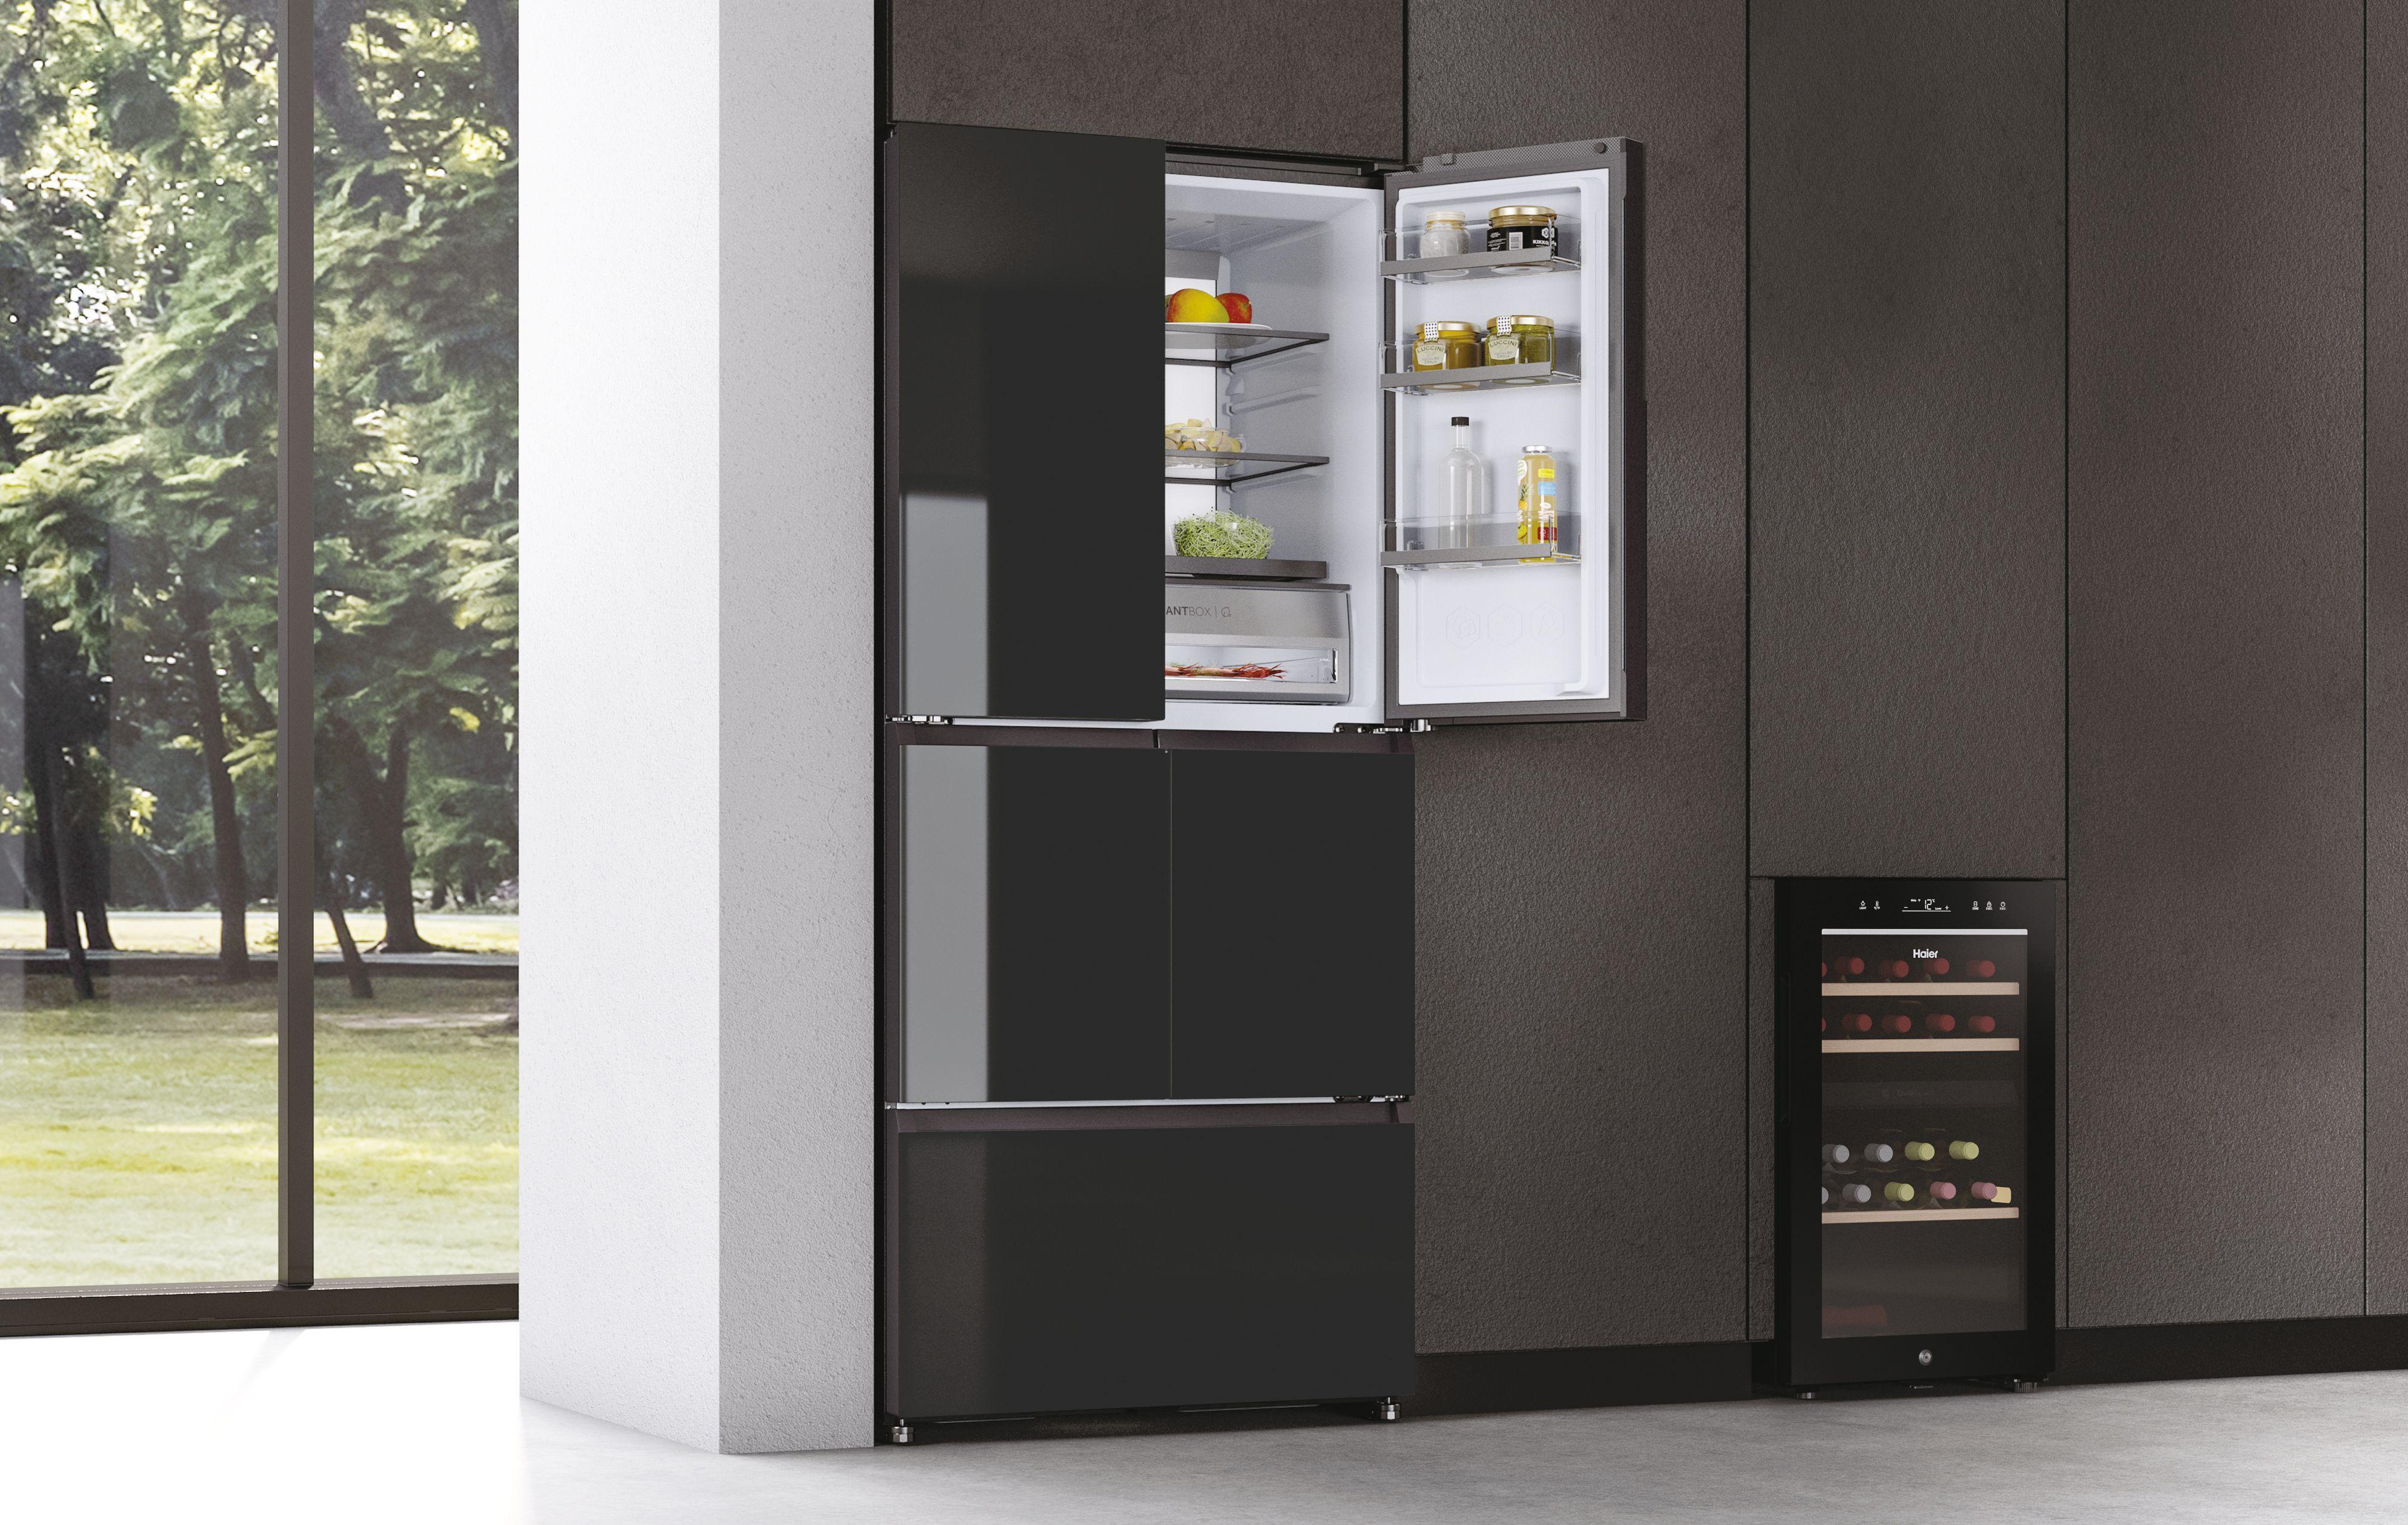 Haier lanza sus nuevos frigoríficos F+ capaces de eliminar el 99% de las bacterias